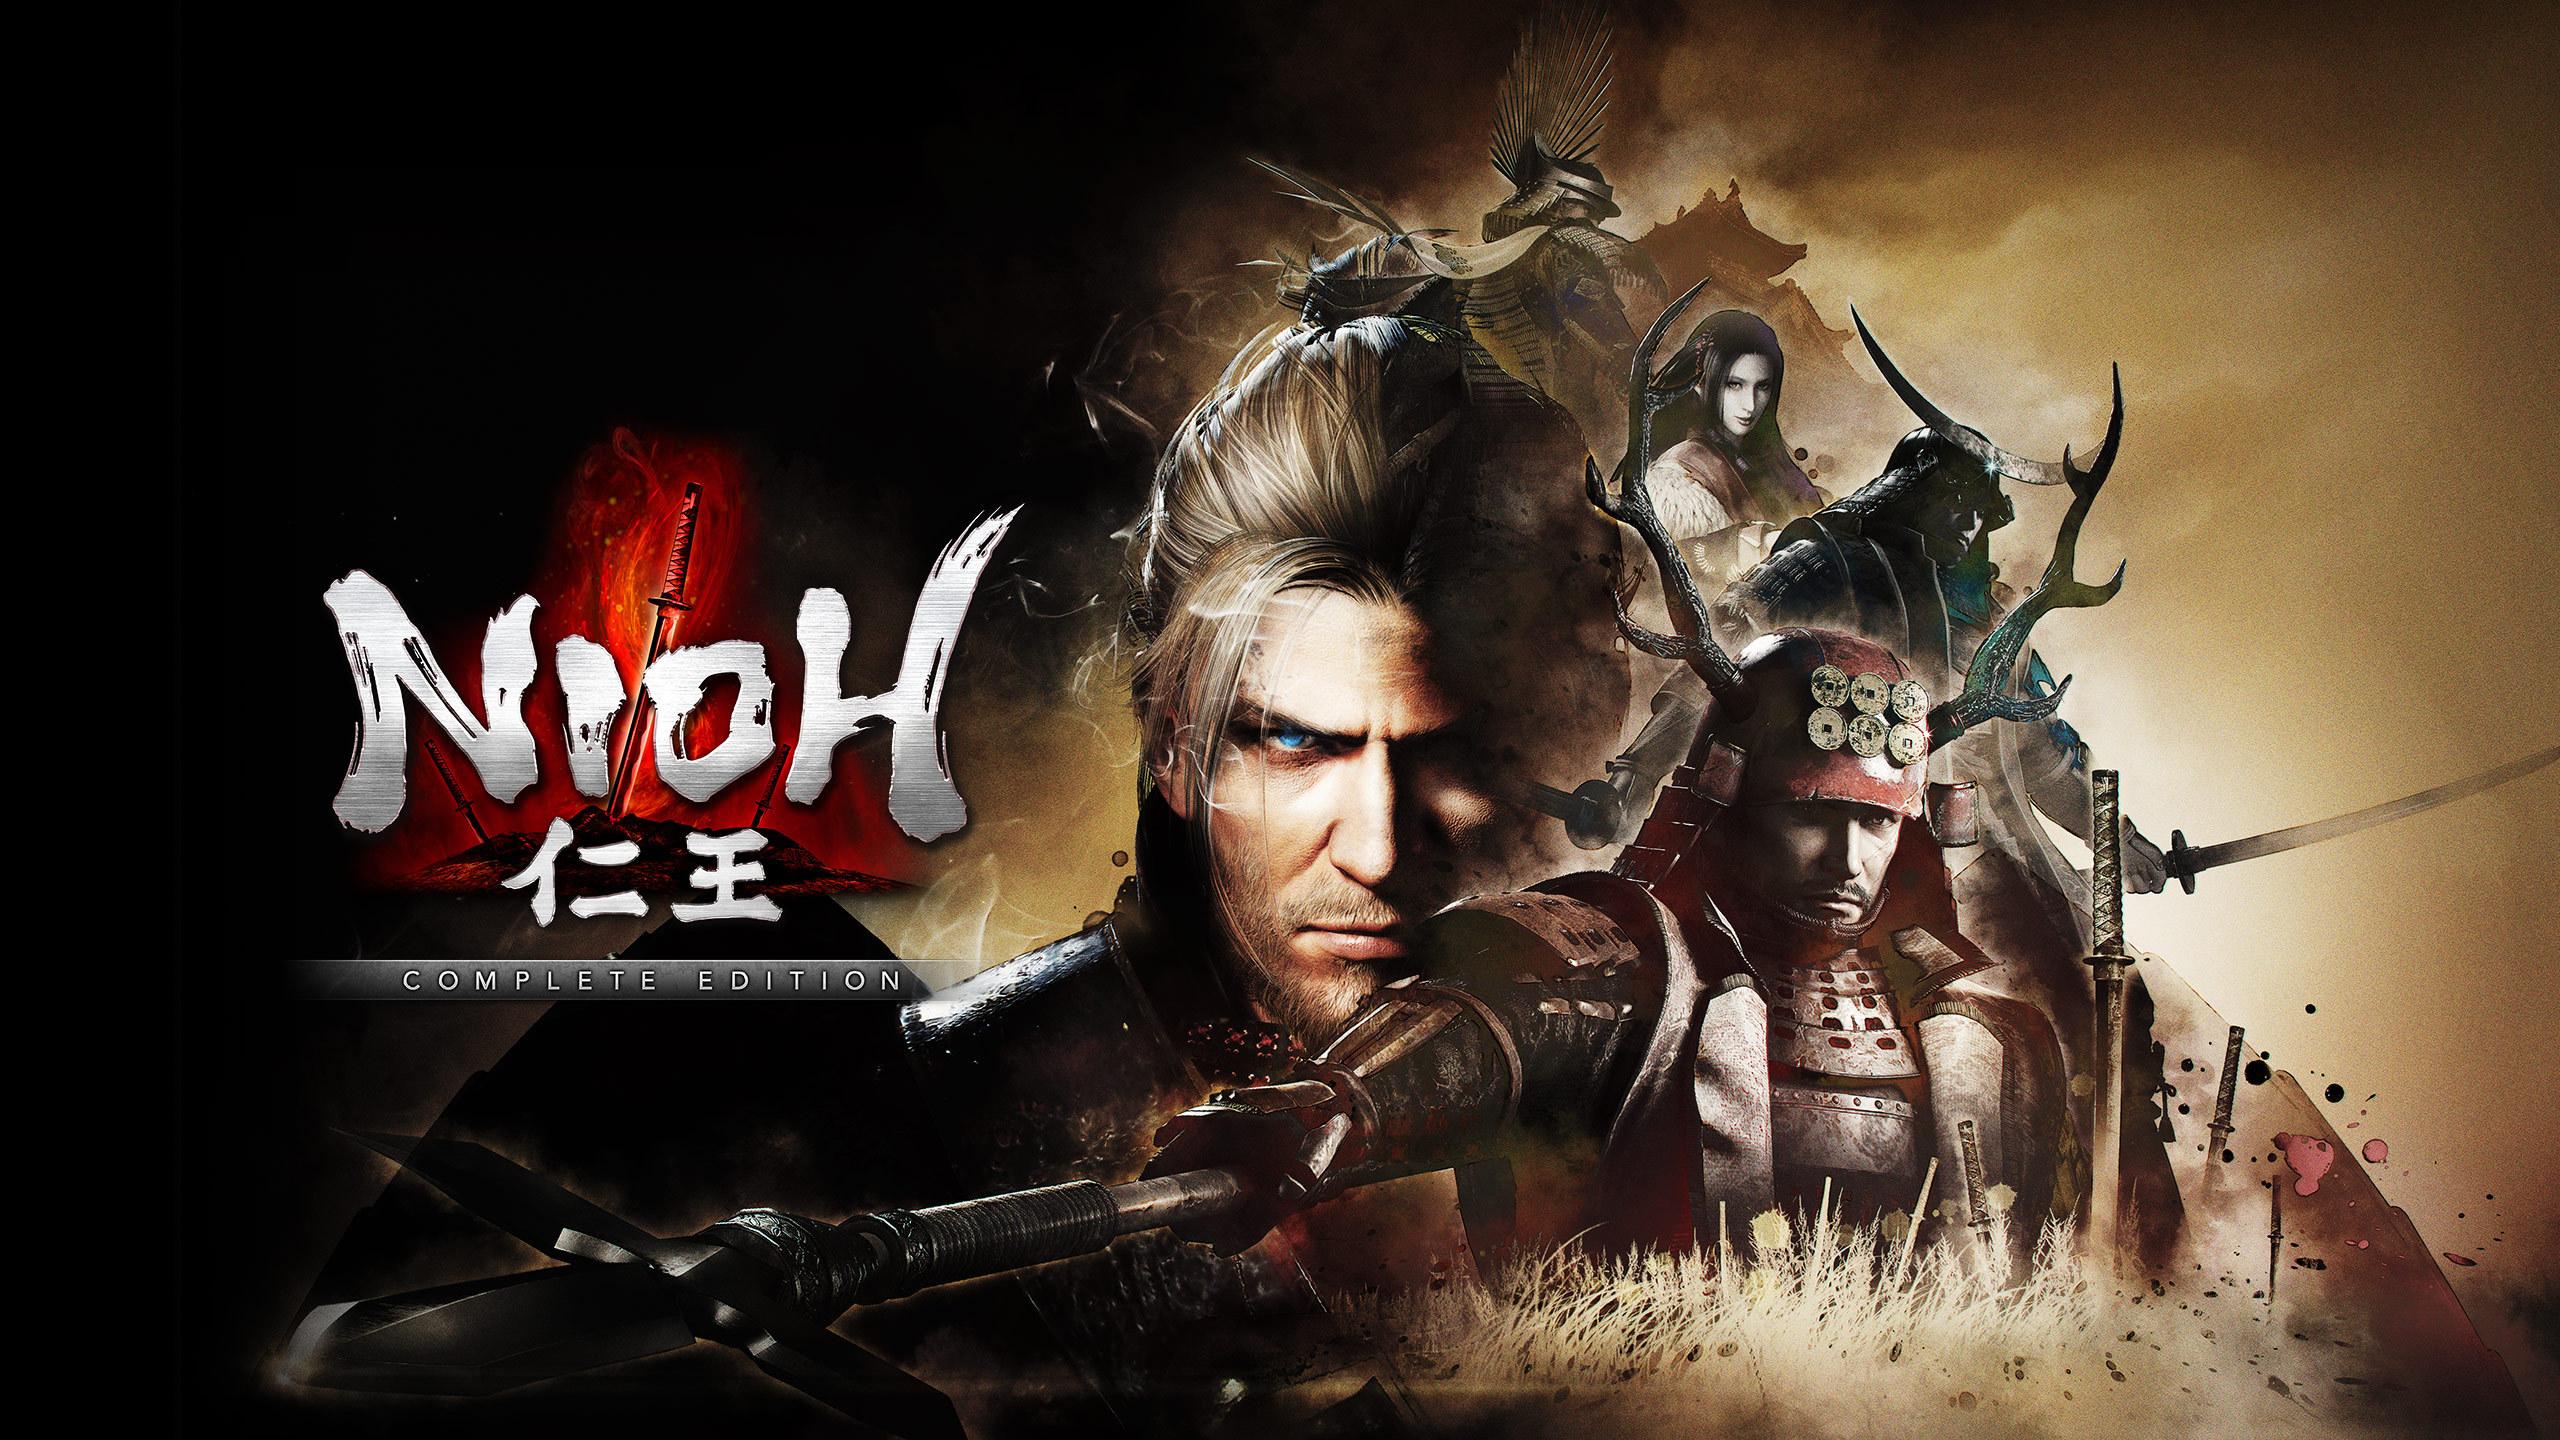 喜加一   EpicGames 09.10~09.16 免费领取「仁王:完整版」和「庇护所」